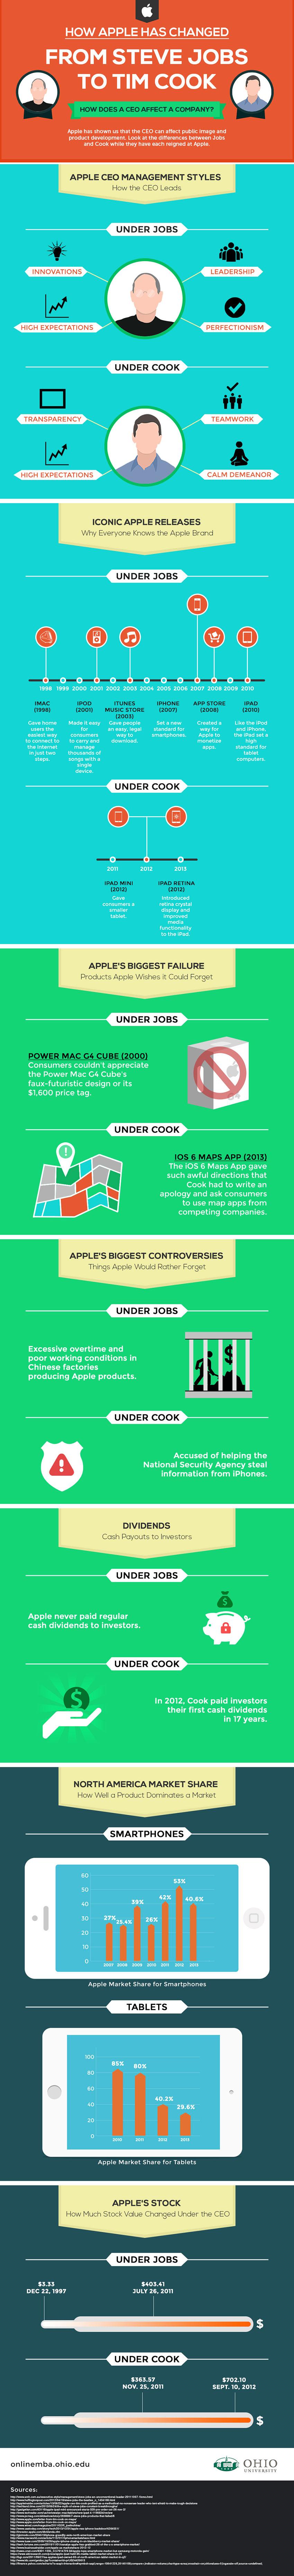 Une infographie qui illustre l'évolution d'Apple de Steve Jobs à Tim Cook